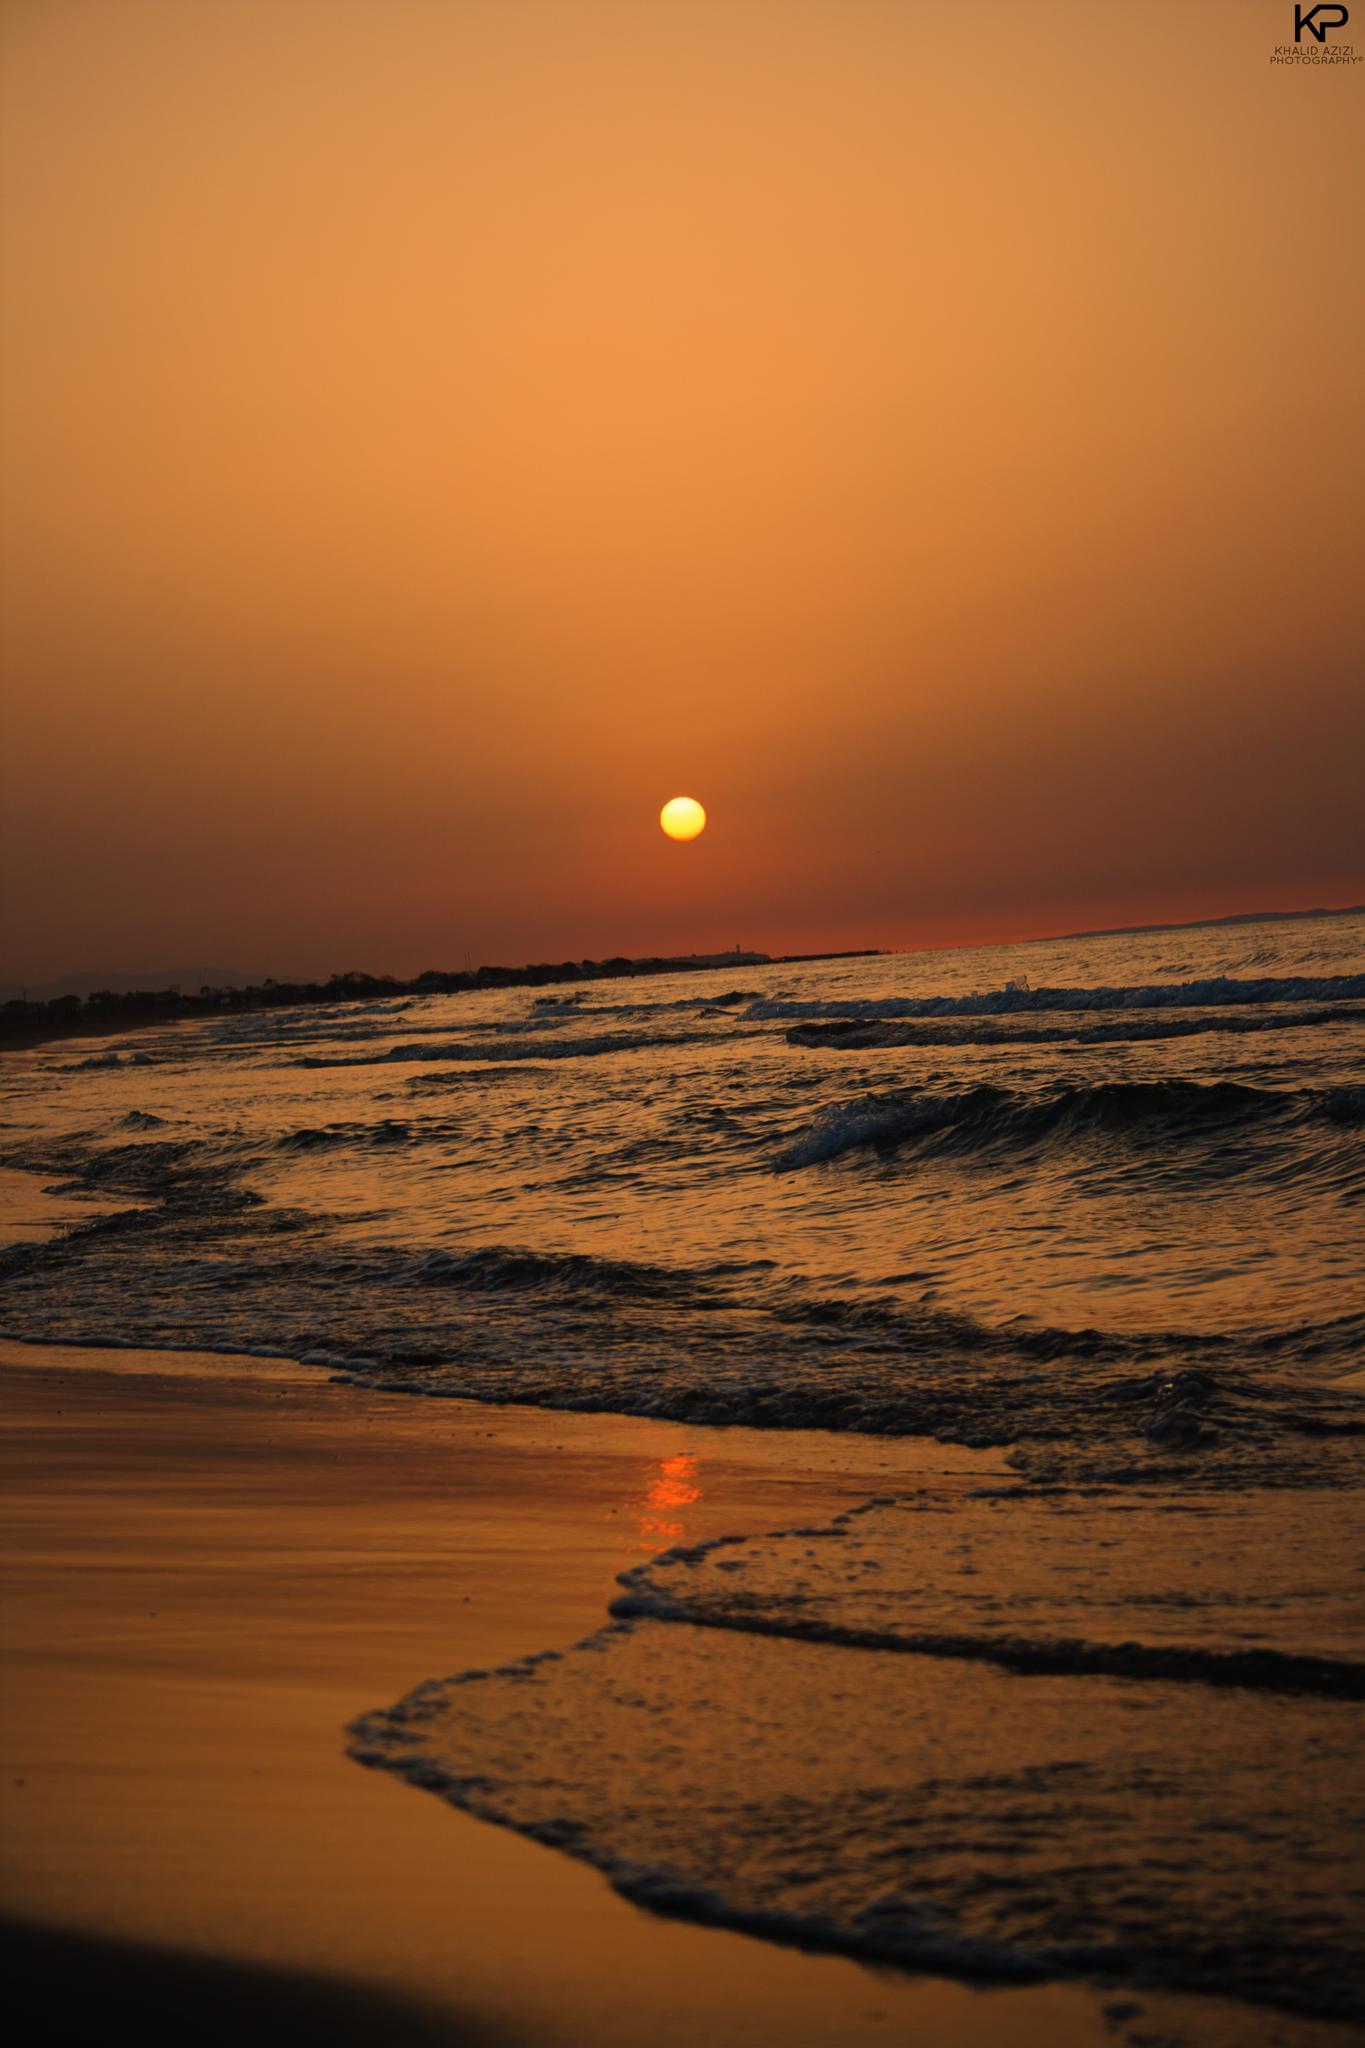 Beach sunset by Khalid Azizi